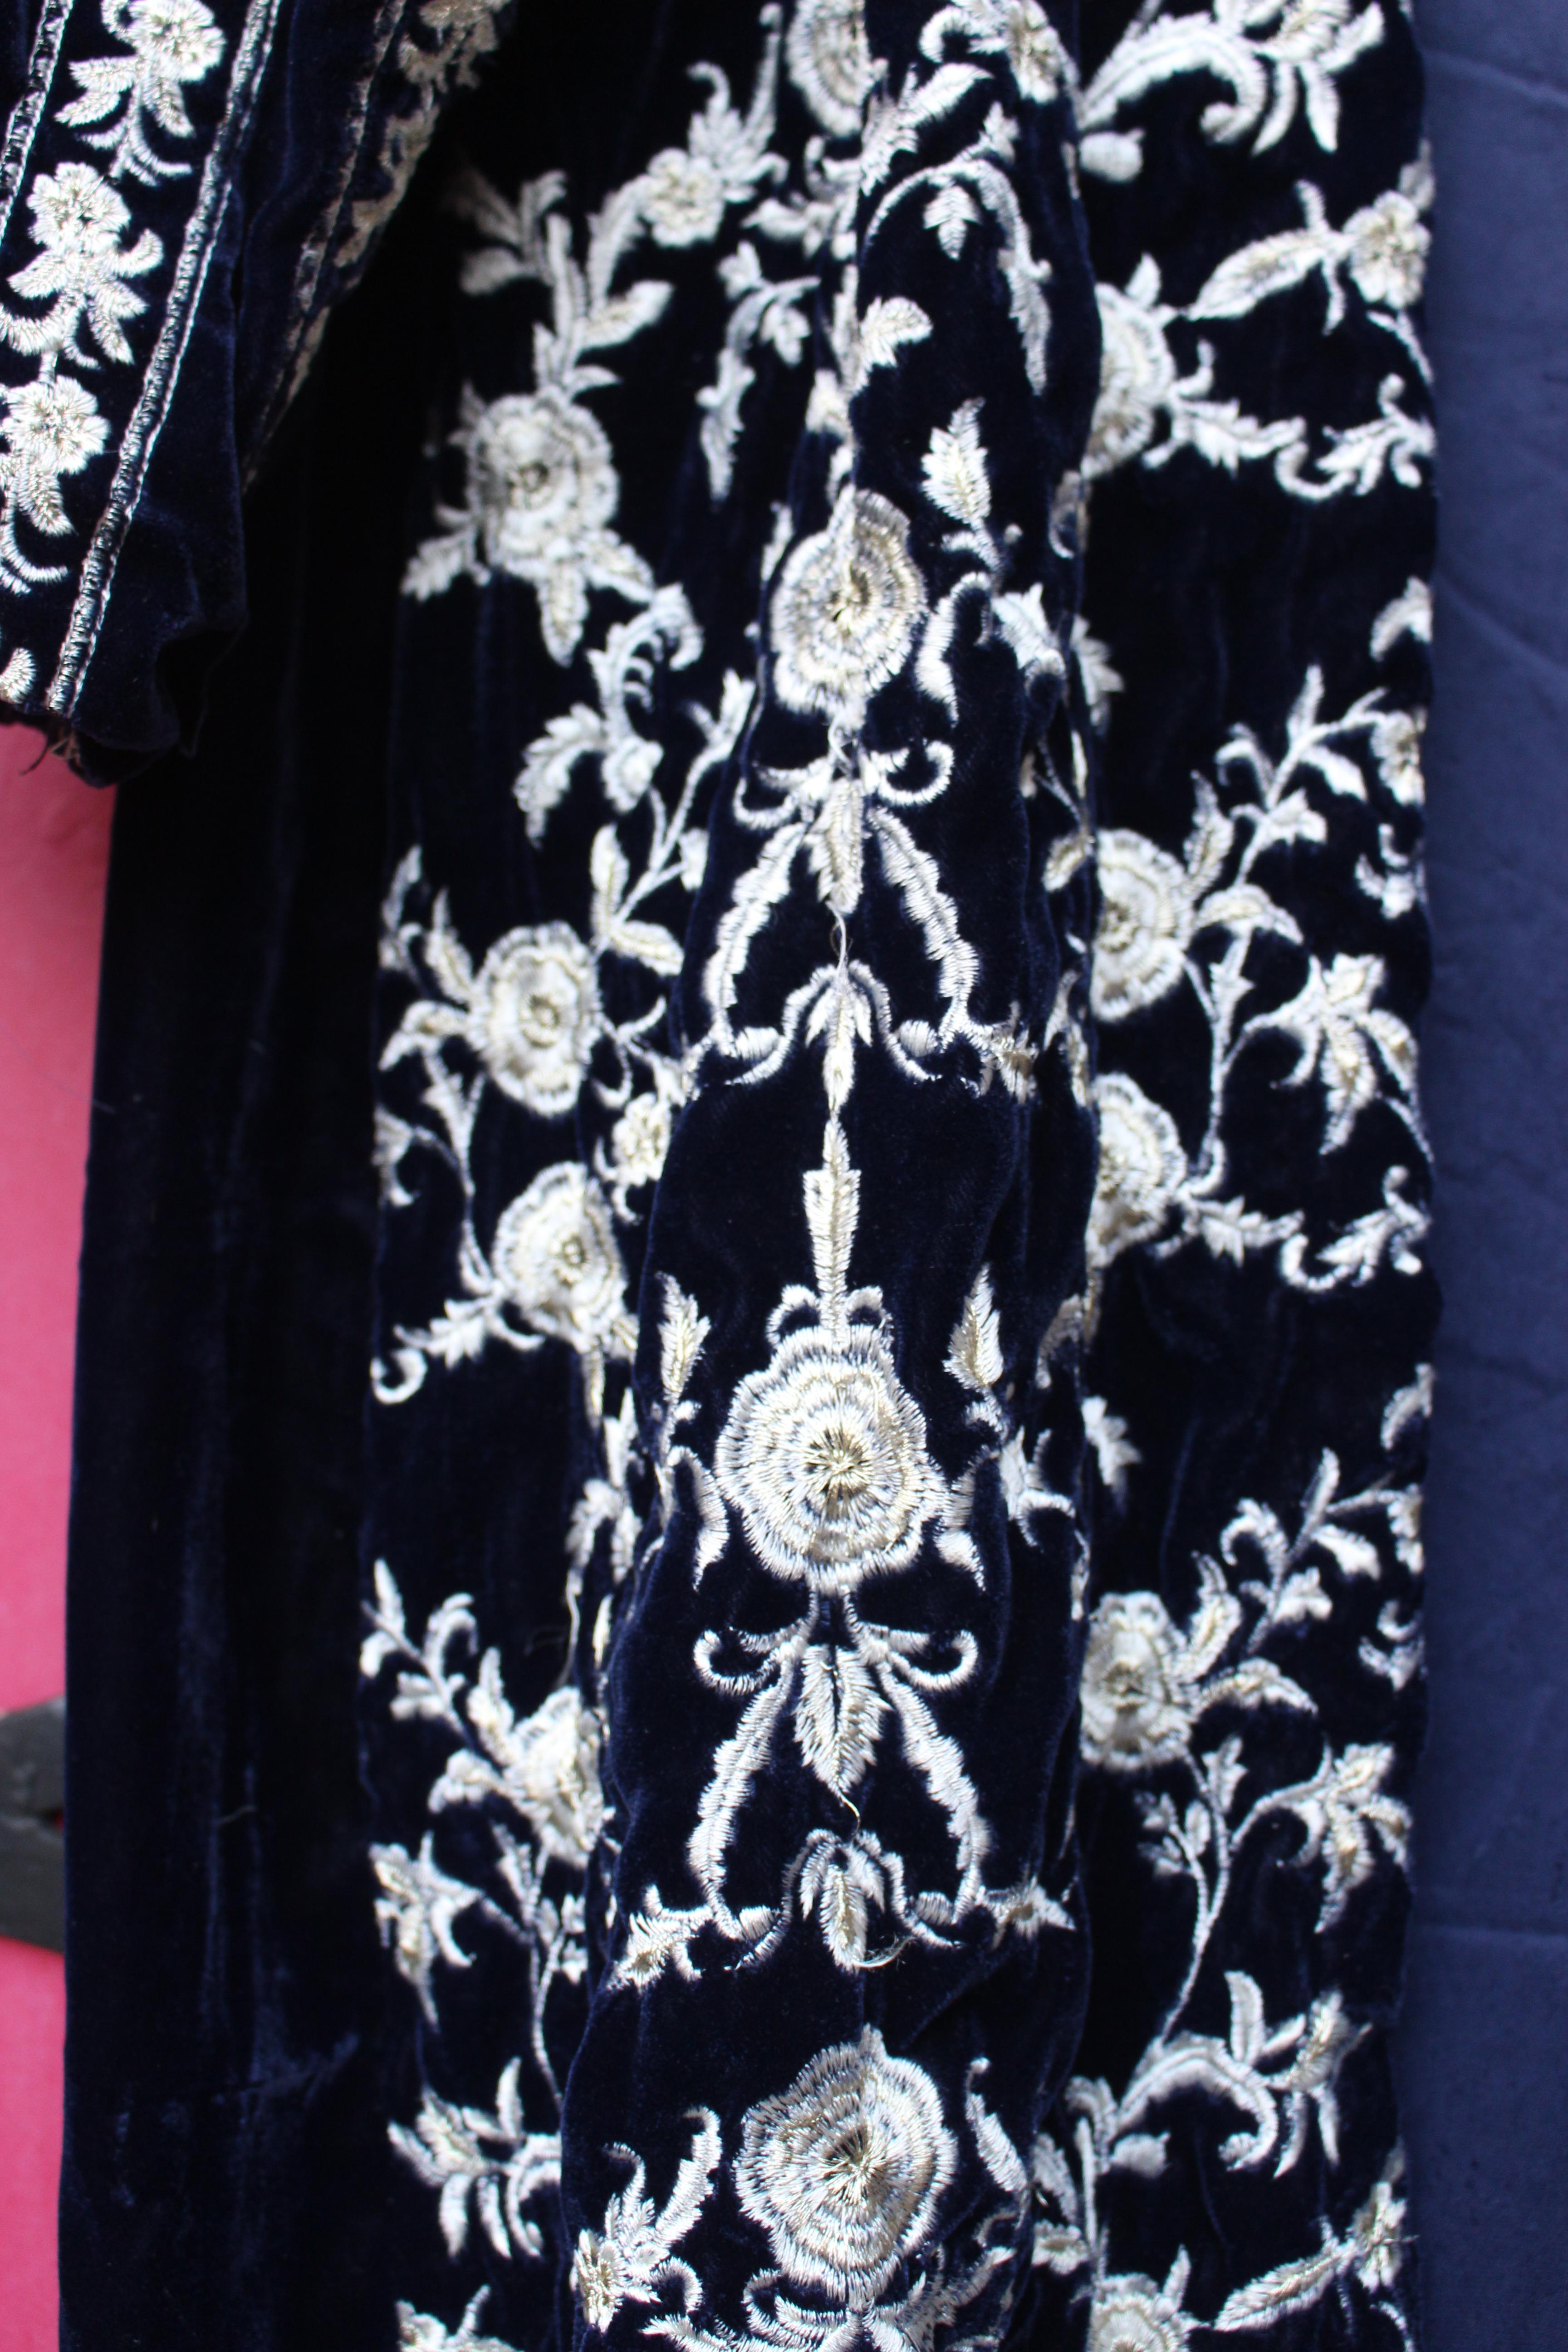 Dark blue embroidered velvet coat, from Unicorn, 5 Ship Street, Oxford